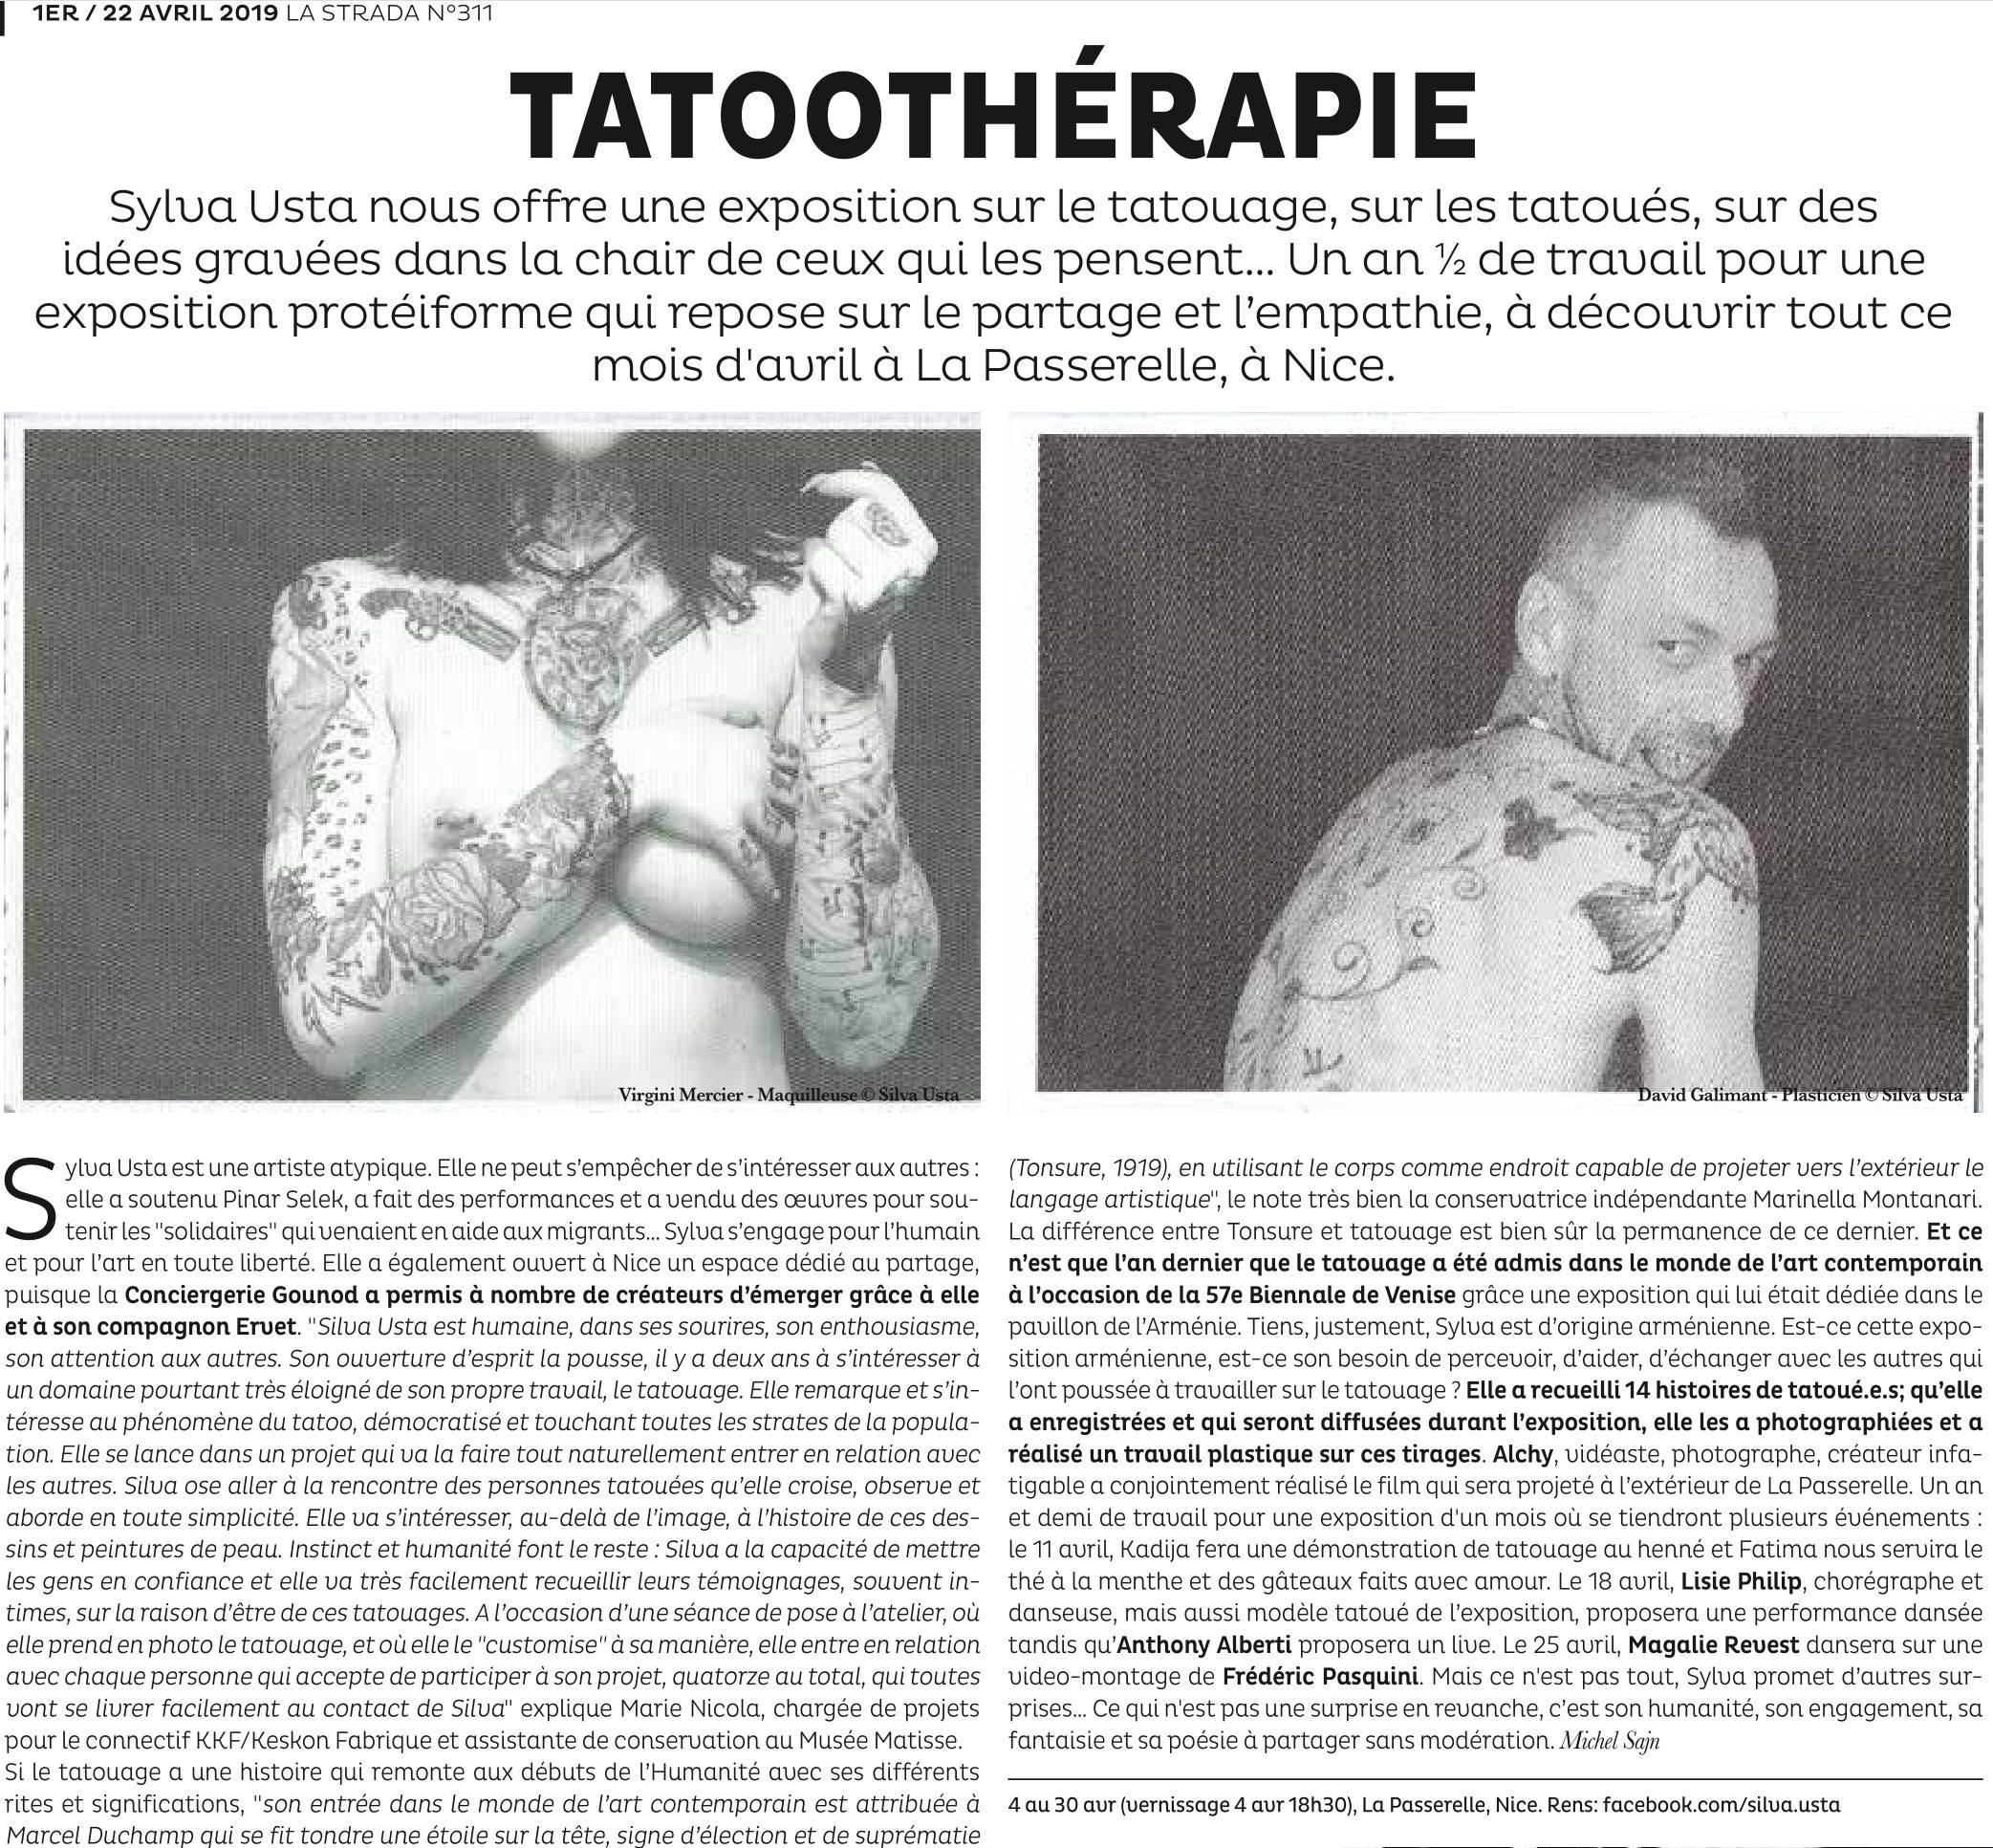 Tatoothérapie - La Strada